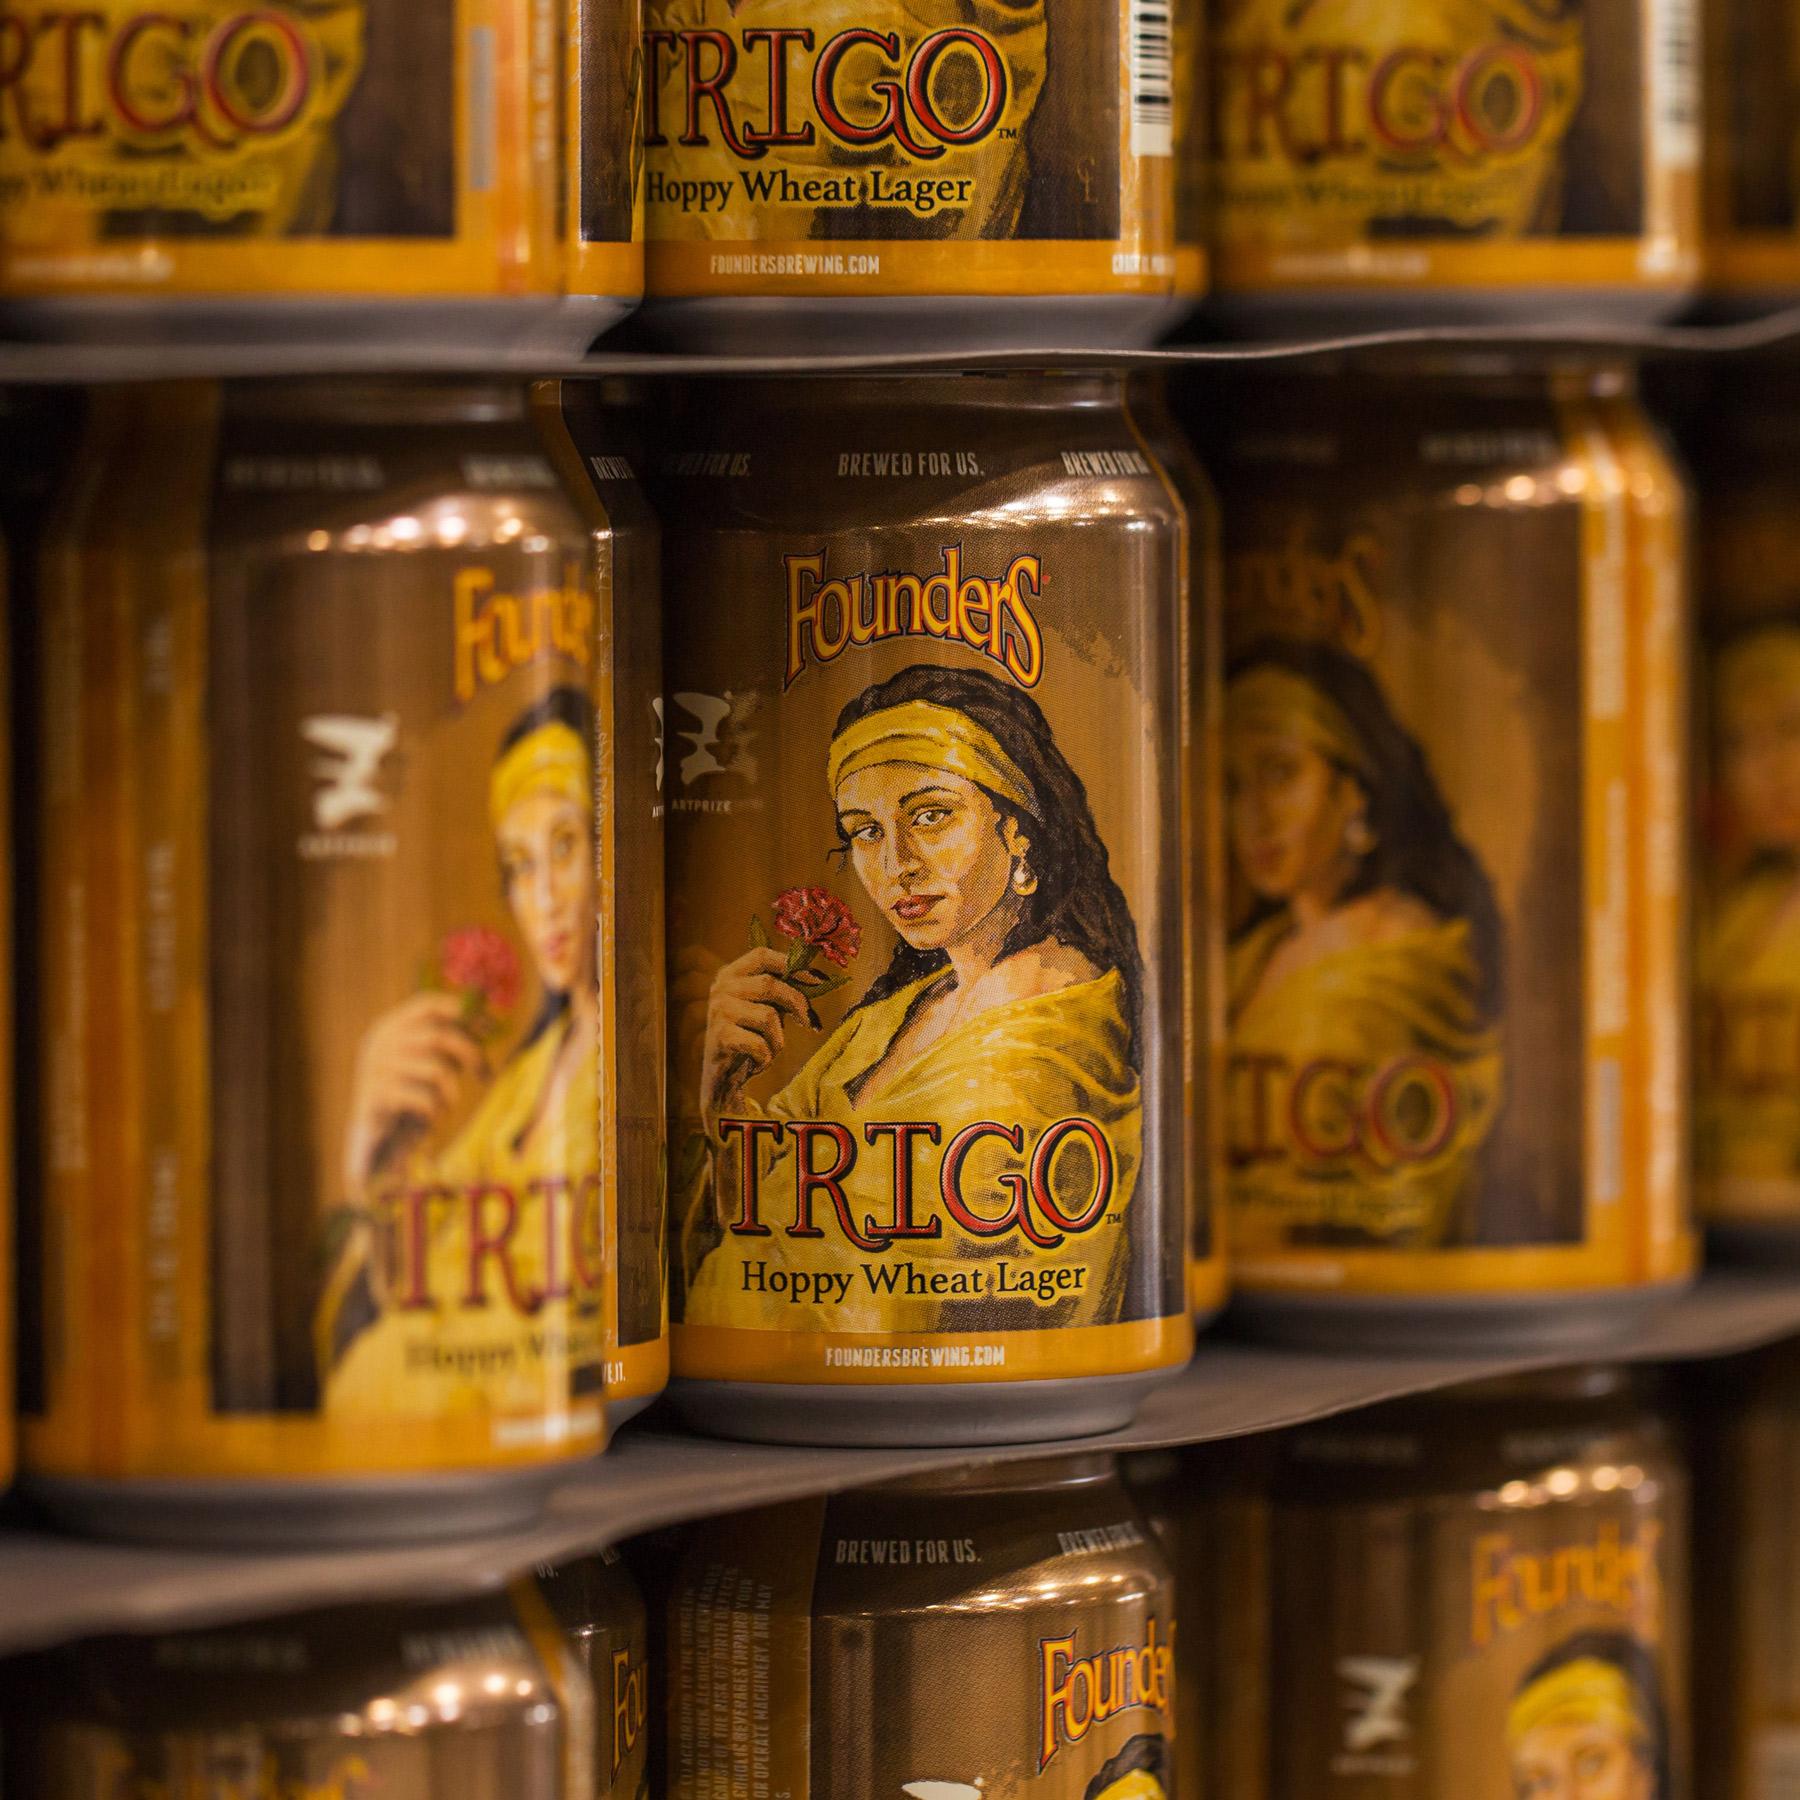 Cans of Founders Trigo